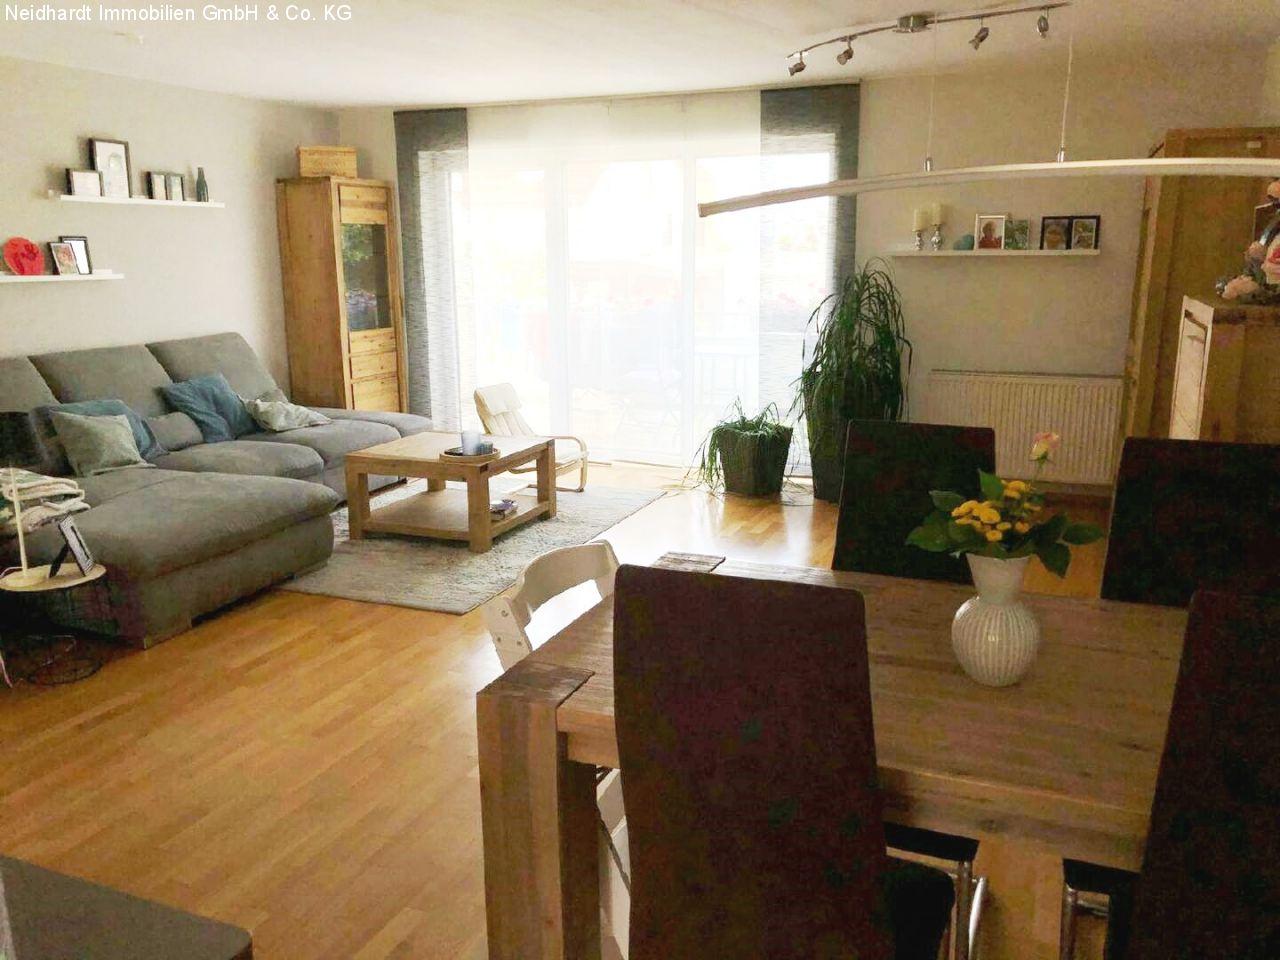 angebote fulda verkauft sch ne wohnung am rauschenberg. Black Bedroom Furniture Sets. Home Design Ideas